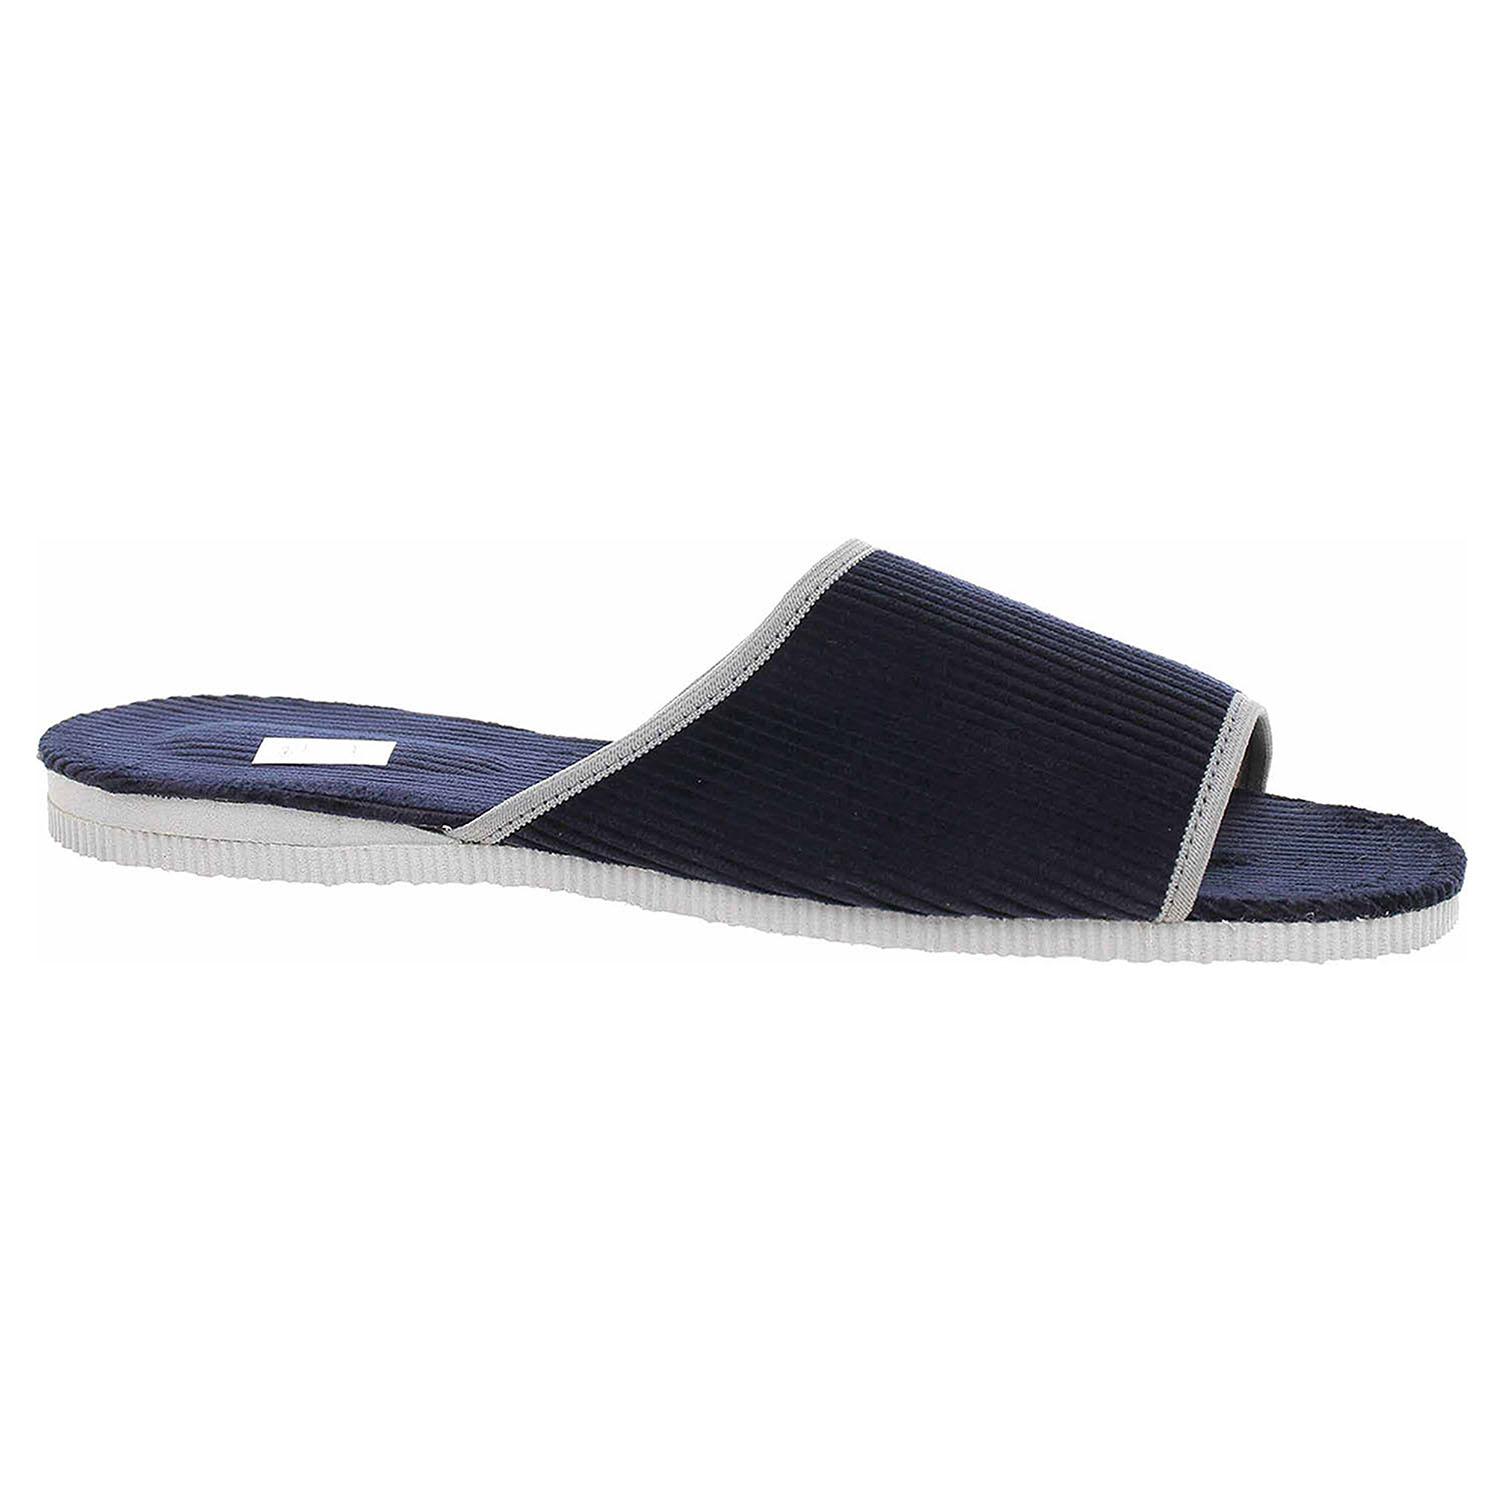 Pánské domácí pantofle Pegres 3009.01 modrá 3009.01 modrá 48